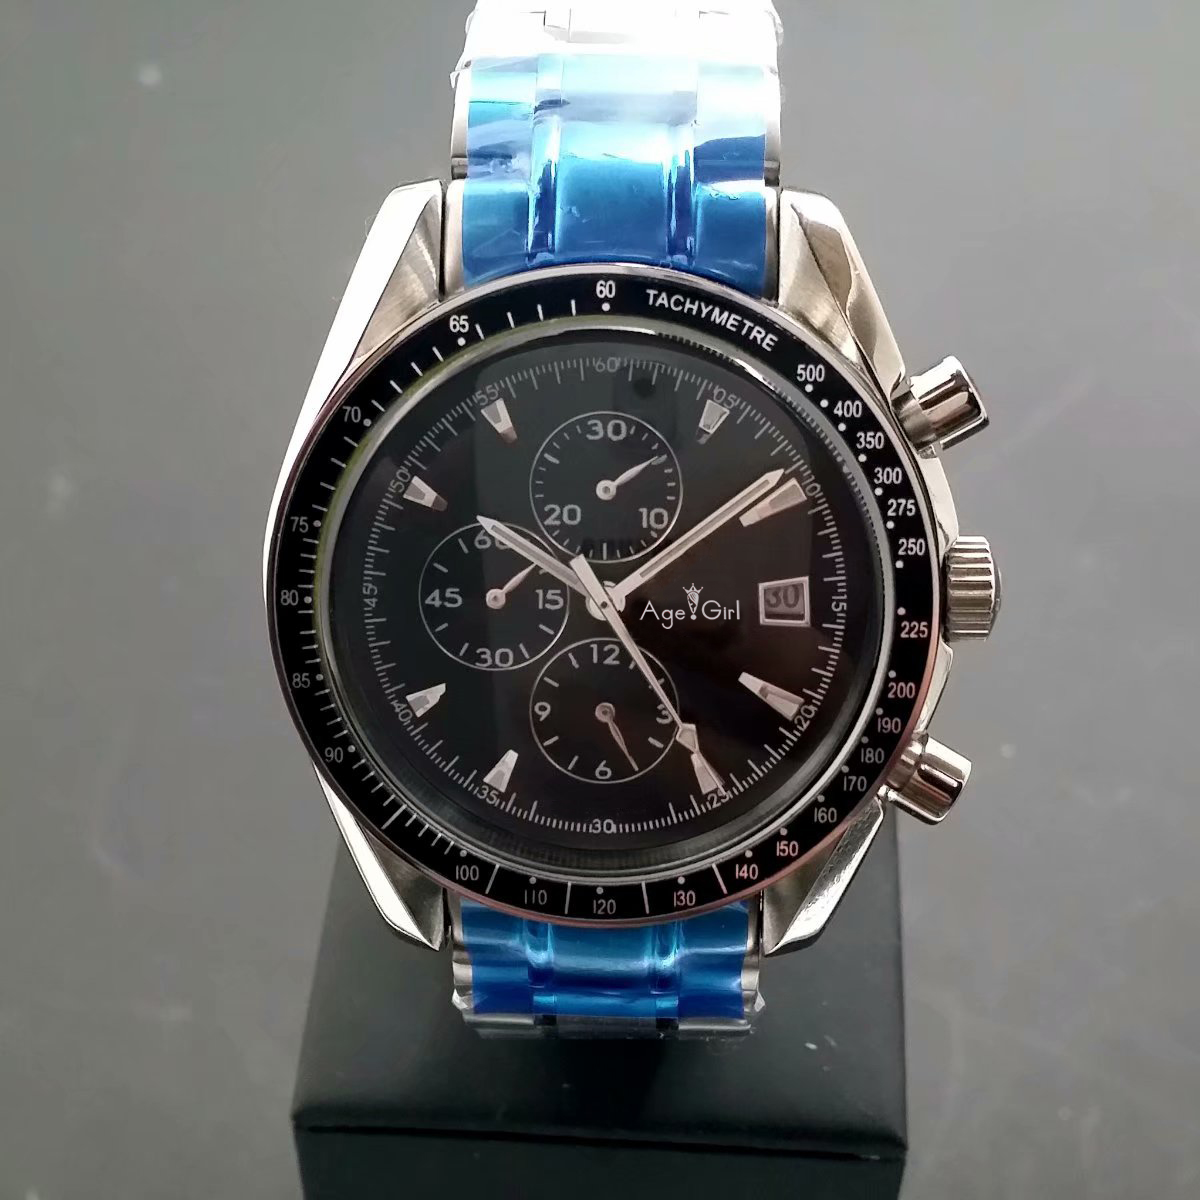 Nouveaux hommes de luxe montres mécaniques automatiques course de vitesse lumineux en céramique saphir noir Triple calendrier chronomètre AAA +